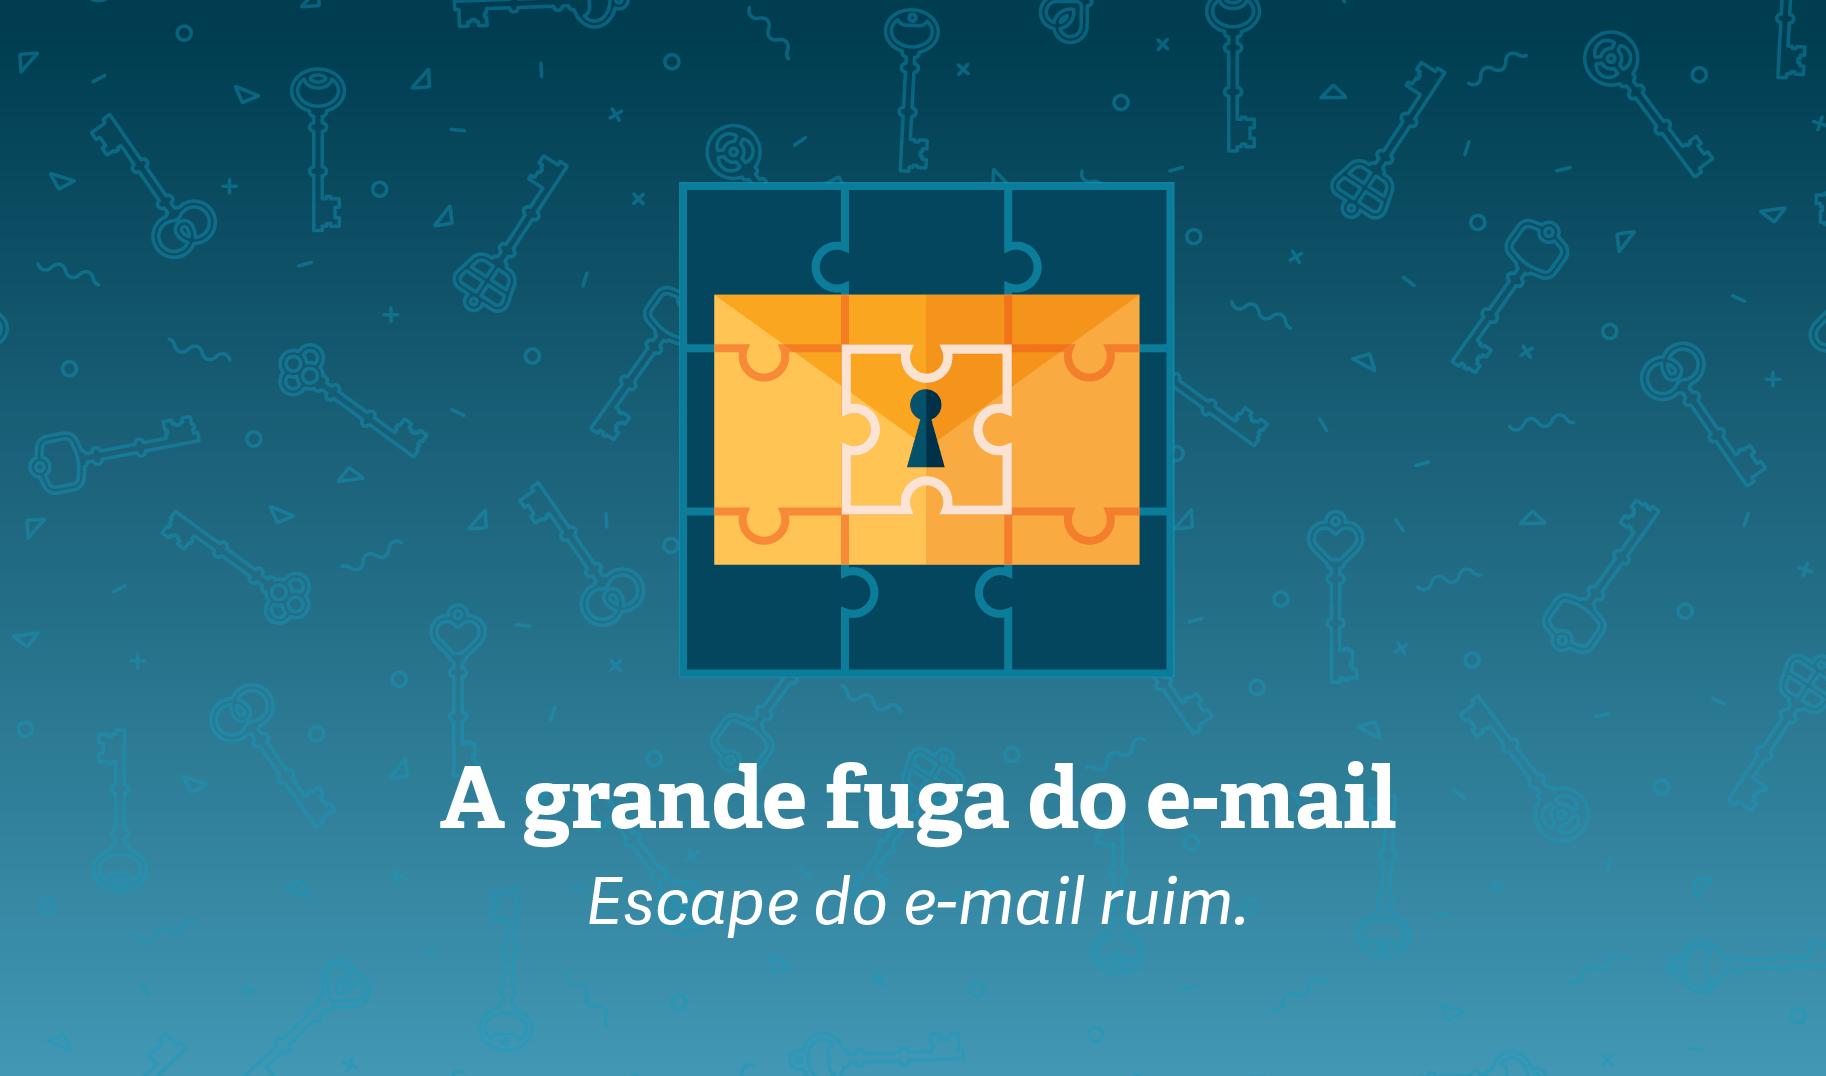 A grande fuga do e-mail